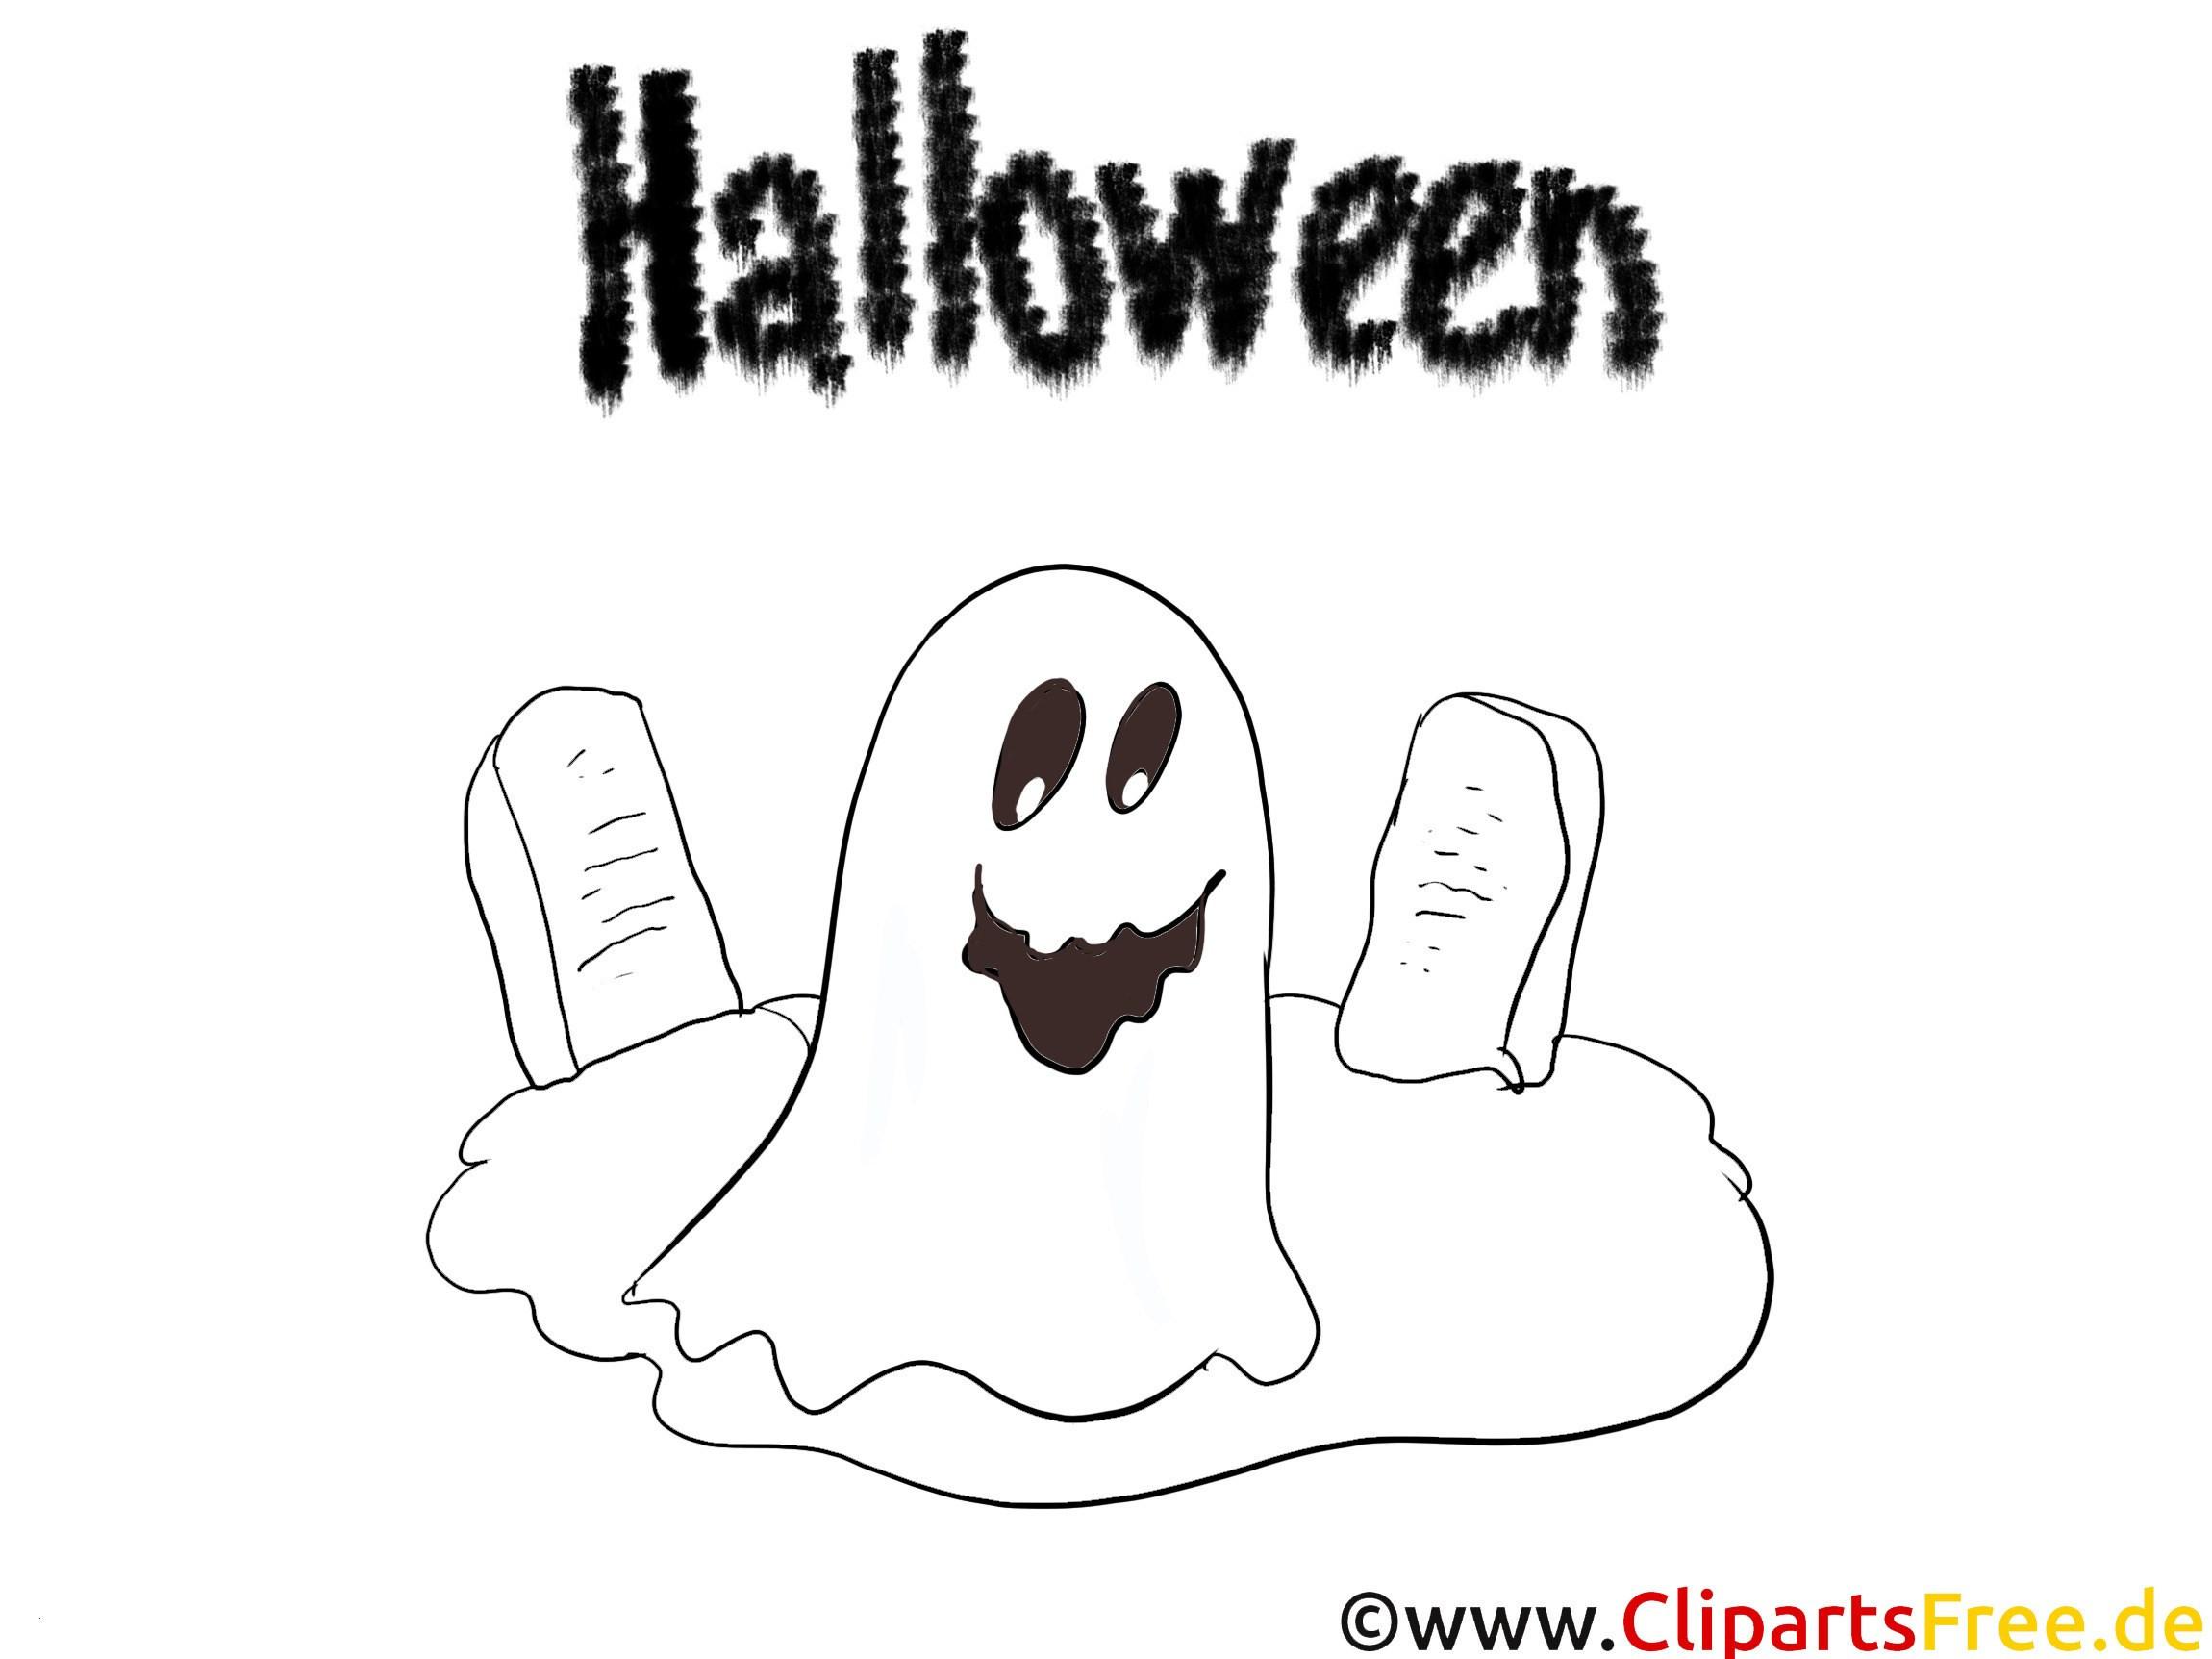 Malvorlagen Halloween Geist Frisch Geister Ausmalbilder Elegant Bayern Ausmalbilder Einzigartig Igel Bild